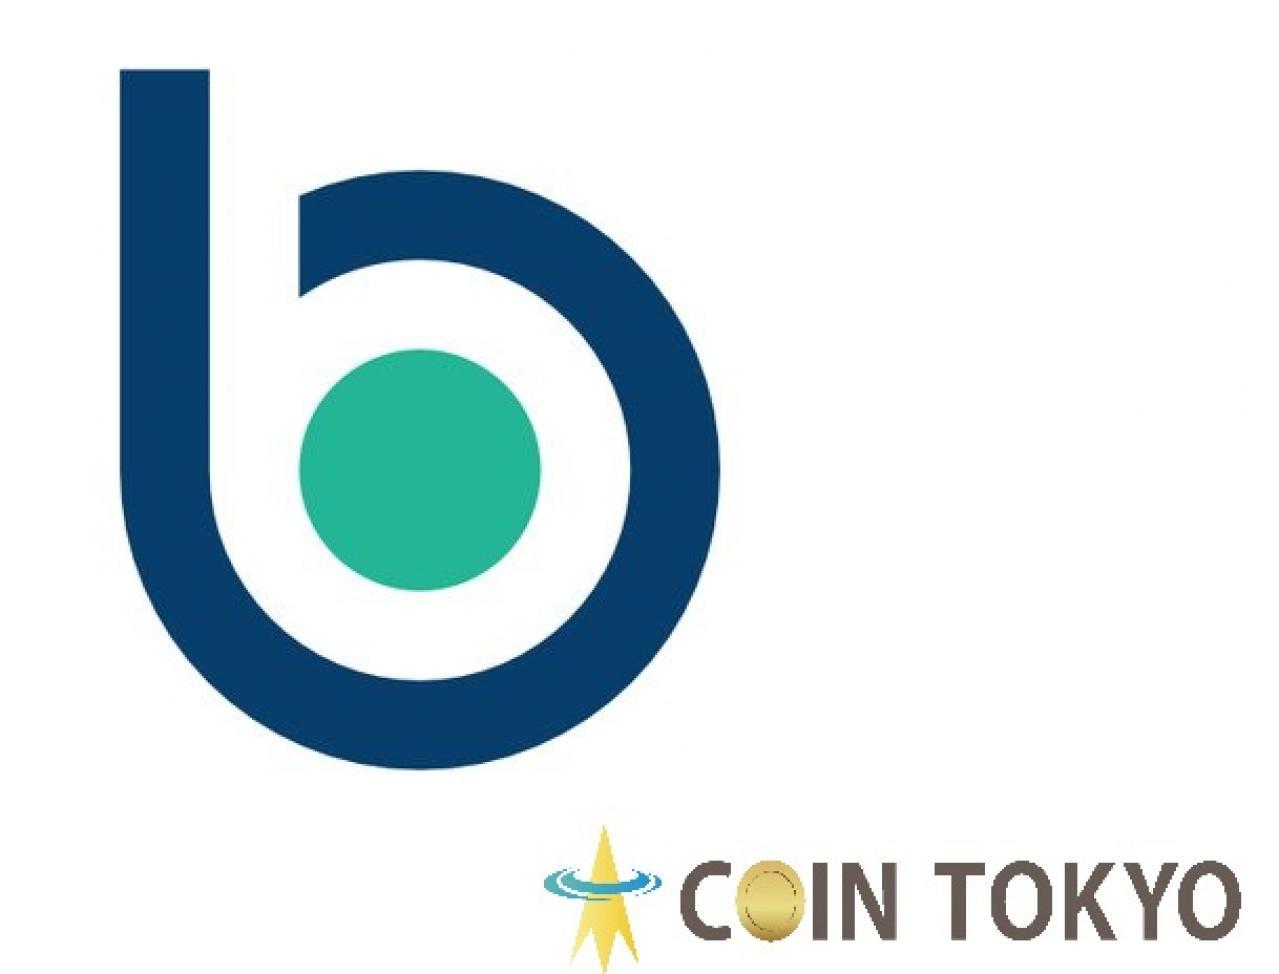 バンク ビット ビットバンク(bitbank)で日本円を出金する方法とは?手数料やかかる時間、注意点を徹底解説!|カネット!